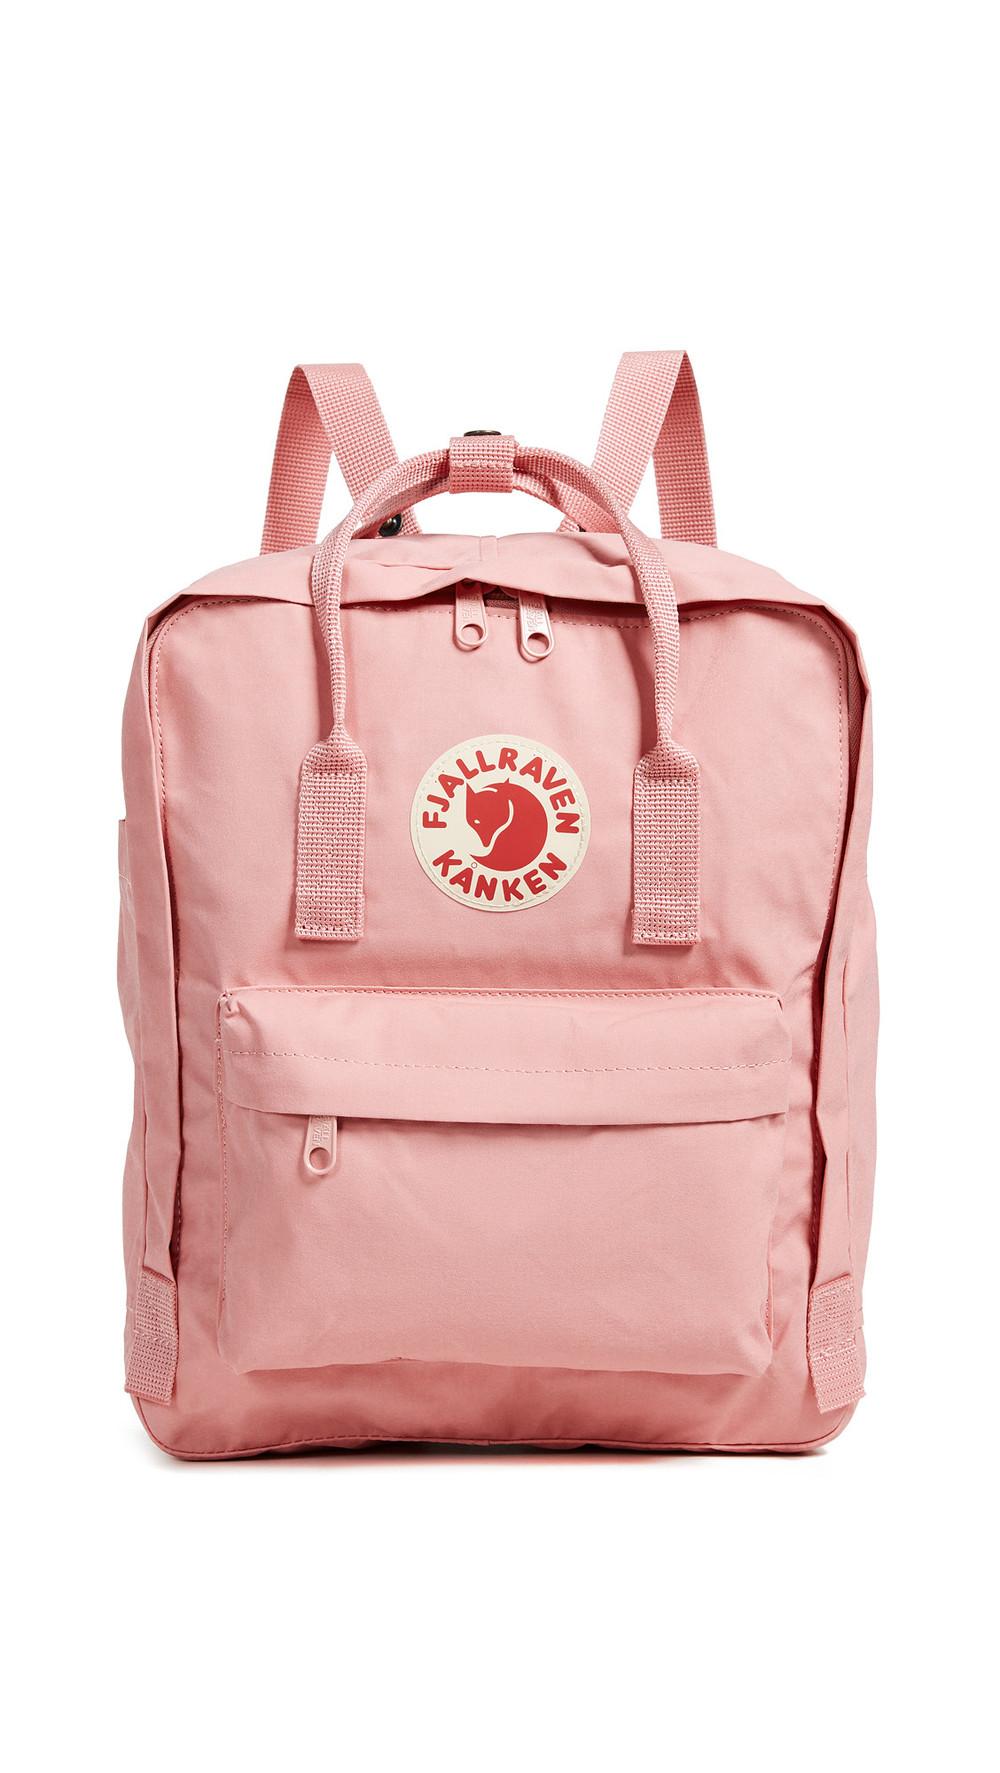 Fjallraven Kanken Backpack in pink